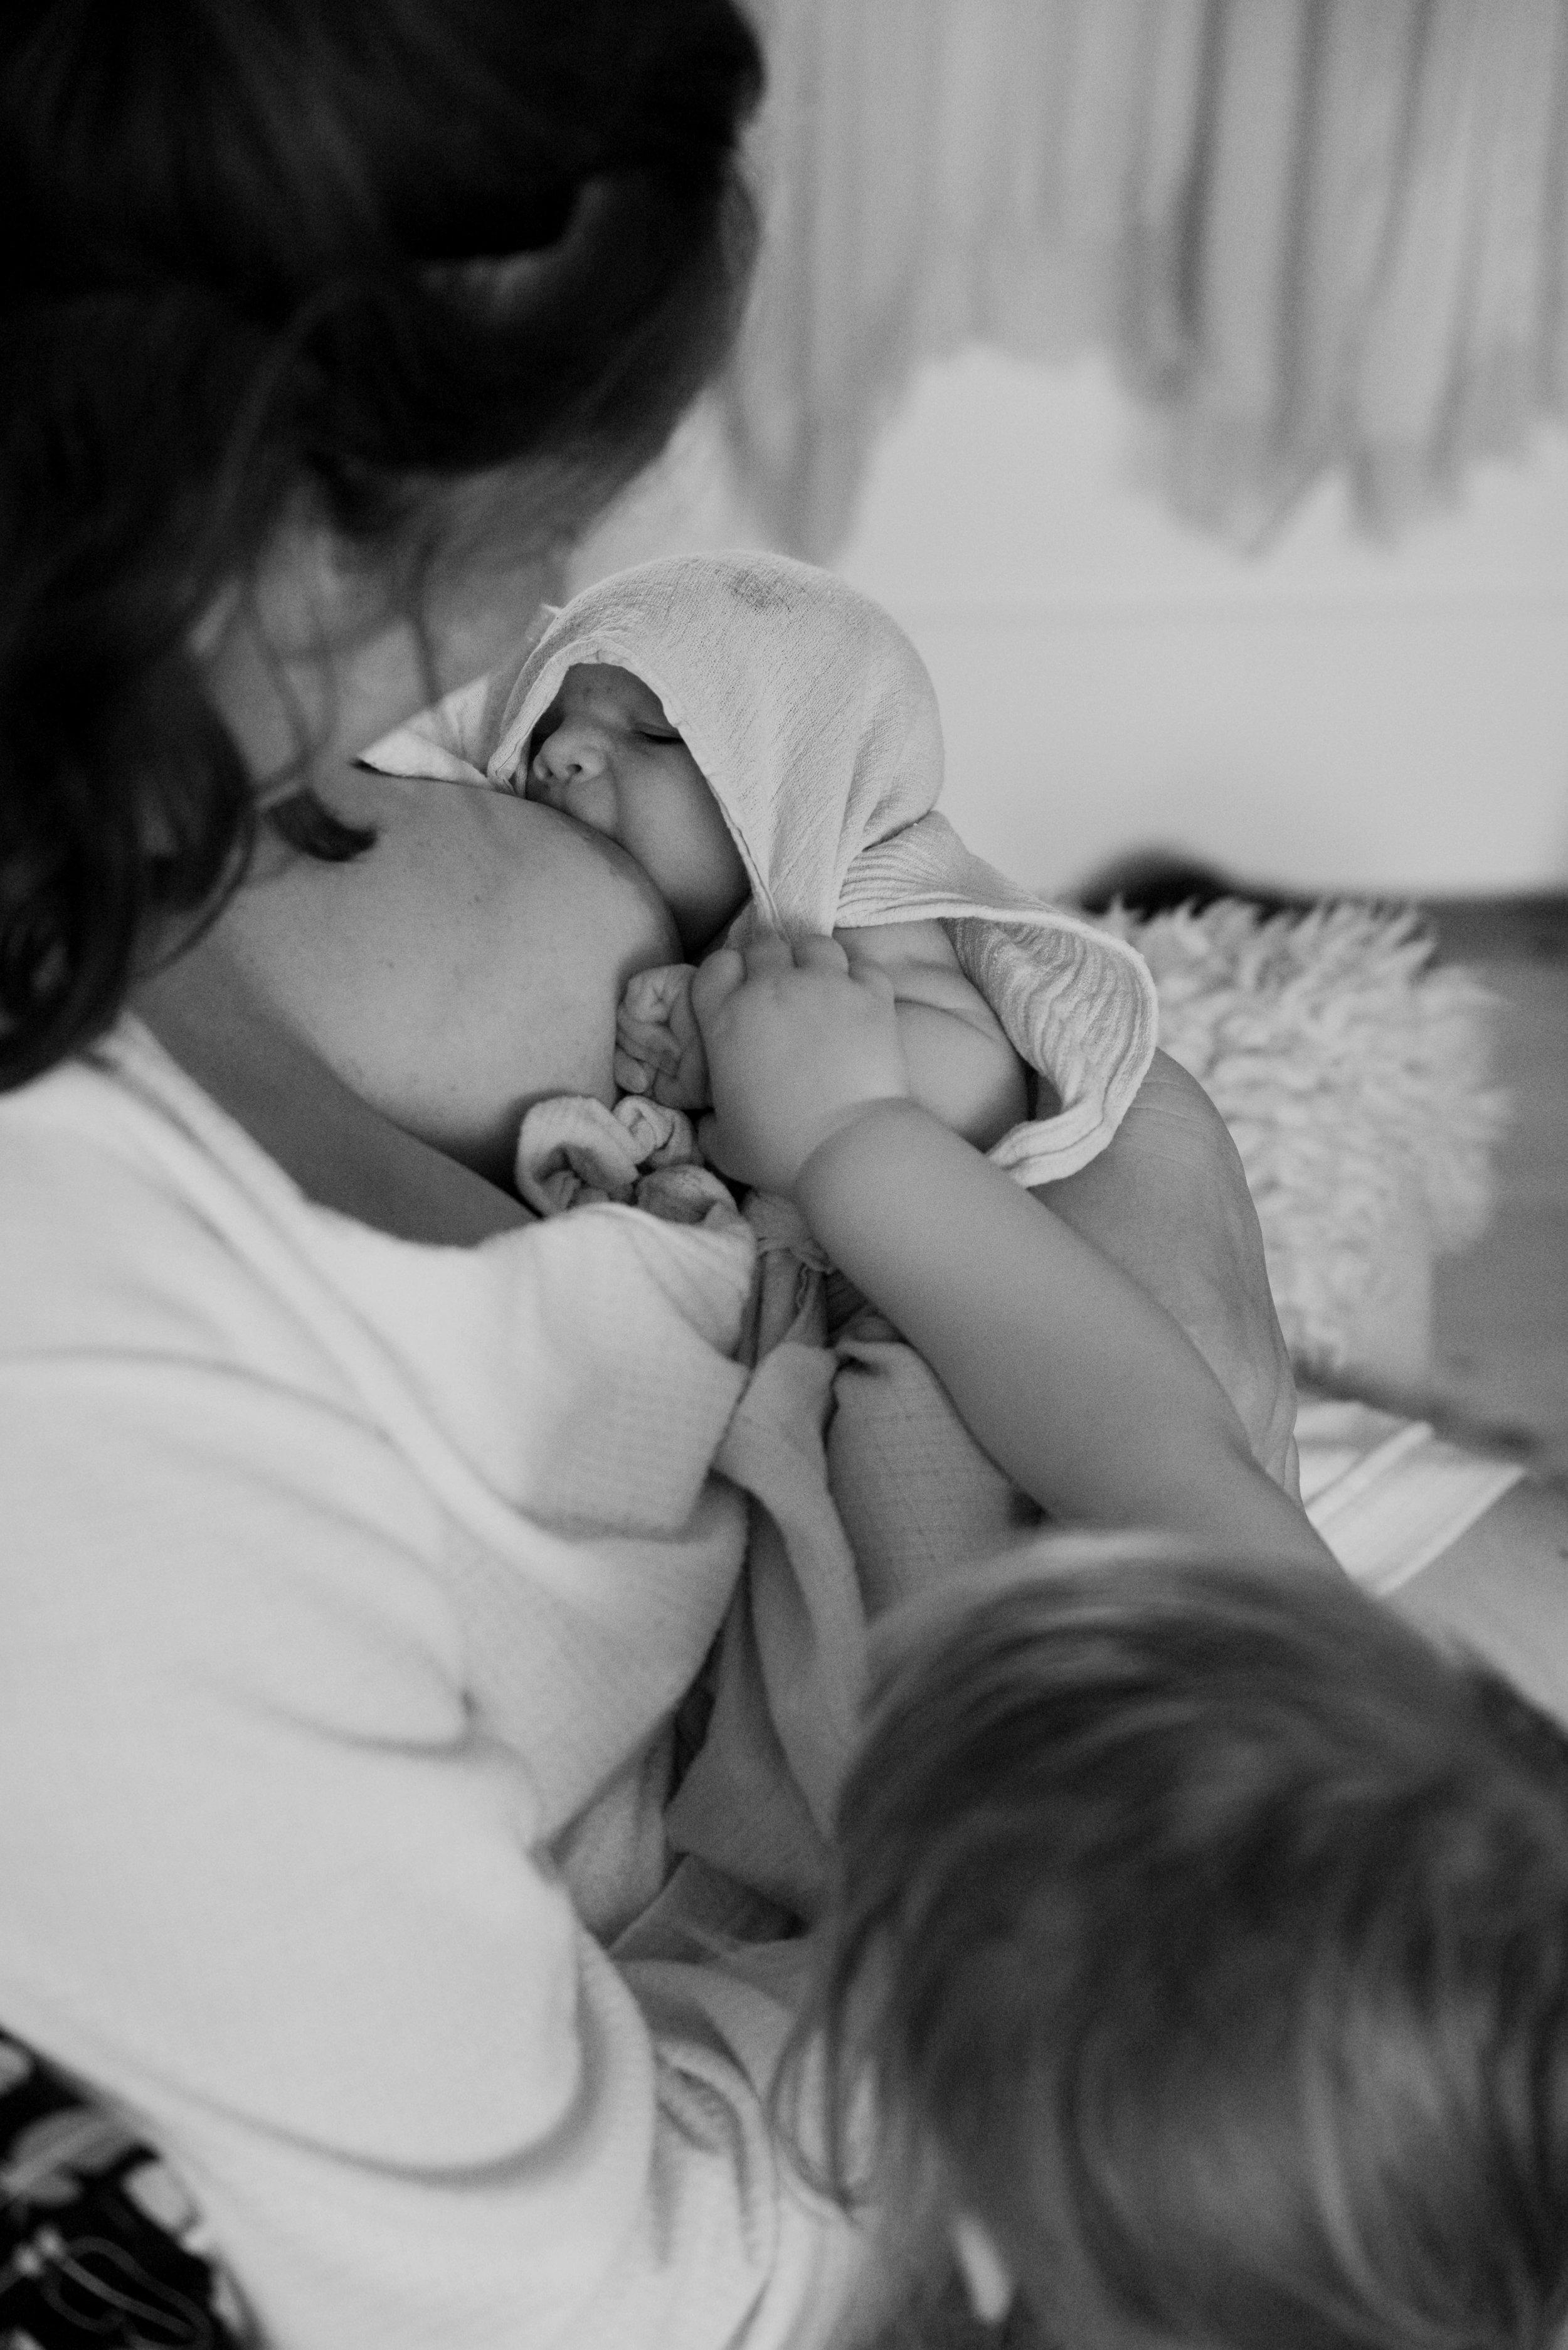 frejamay november hjemmefødsel efter kejsersnit